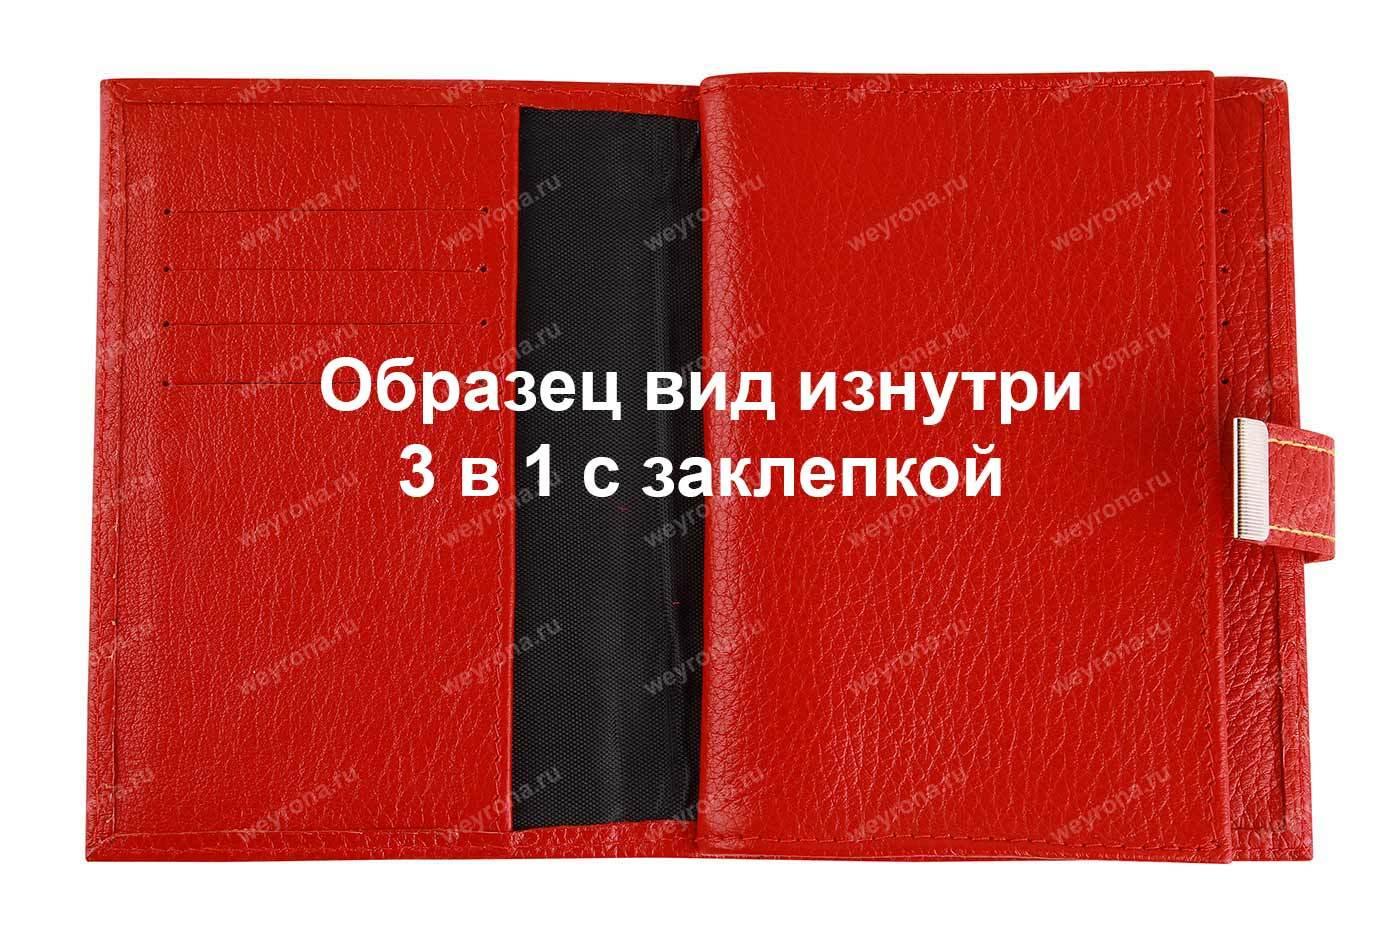 Обложка с заклепкой ФЛОТЕР ЧЕРНАЯ СТРОЧКА  3 в 1 (ТЕЛЯЧЬЯ КОЖА)